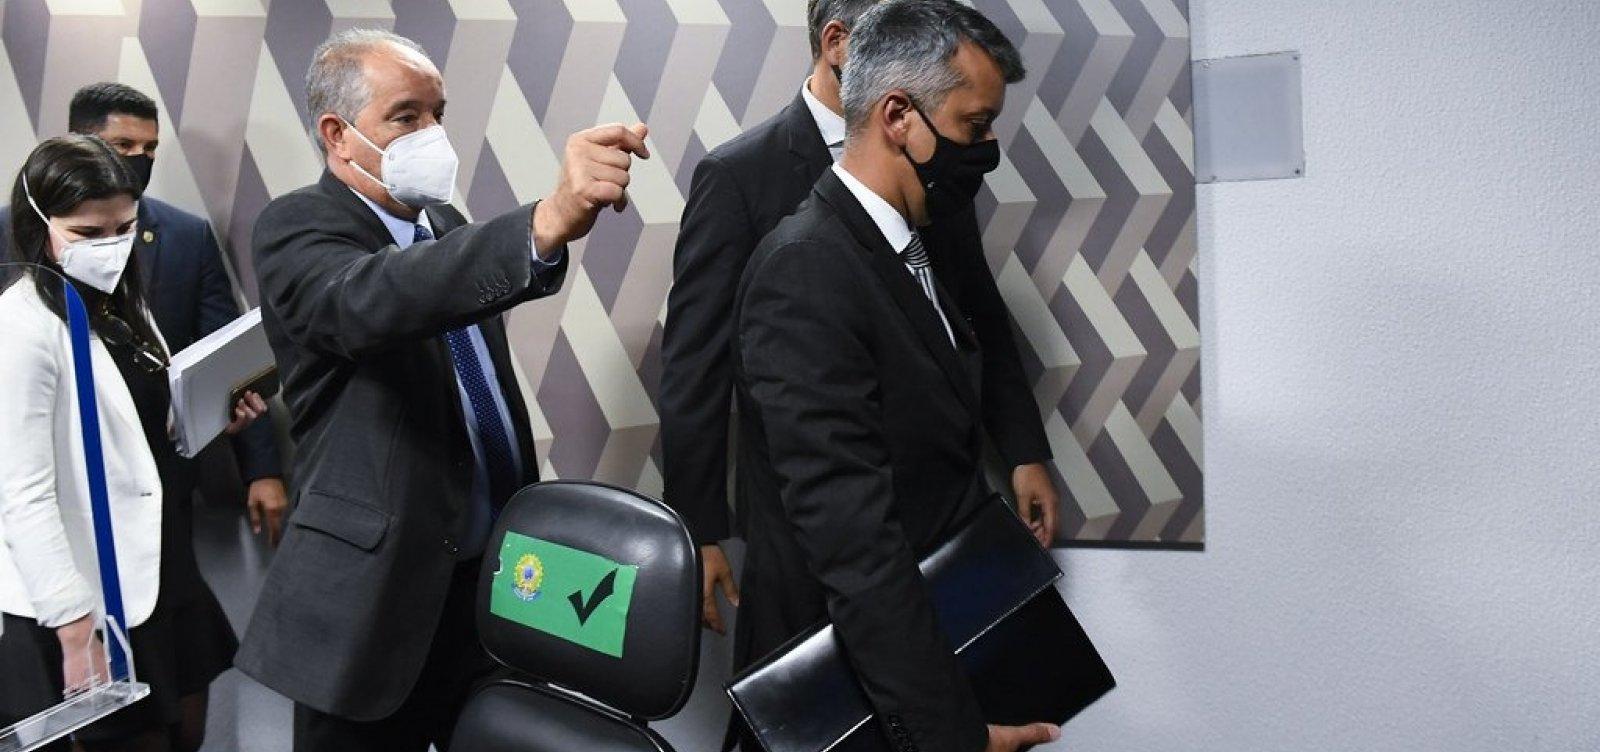 Preso na CPI da Covid, ex-diretor da Saúde paga fiança de R$ 1,1 mil e é liberado